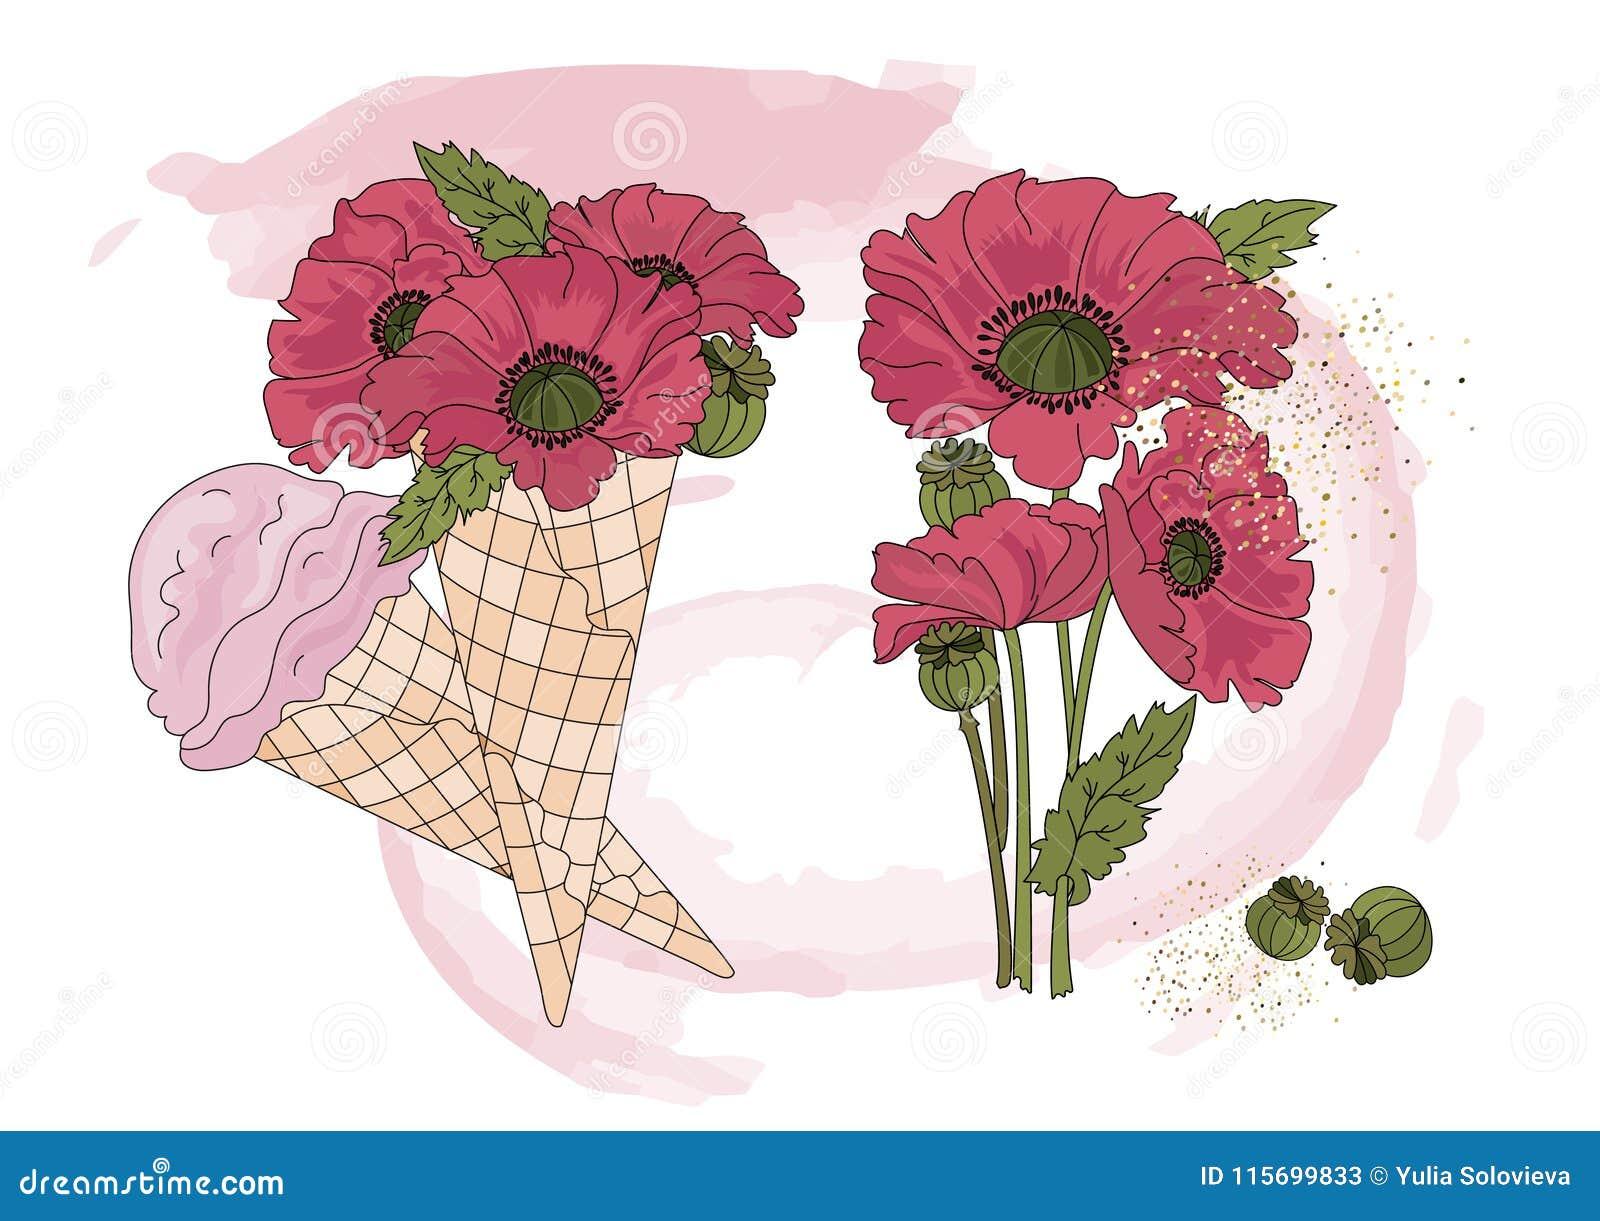 Flower clipart poppy ice cream color vector illustration set cartoon flower clipart poppy ice cream color vector illustration set cartoon picture mightylinksfo